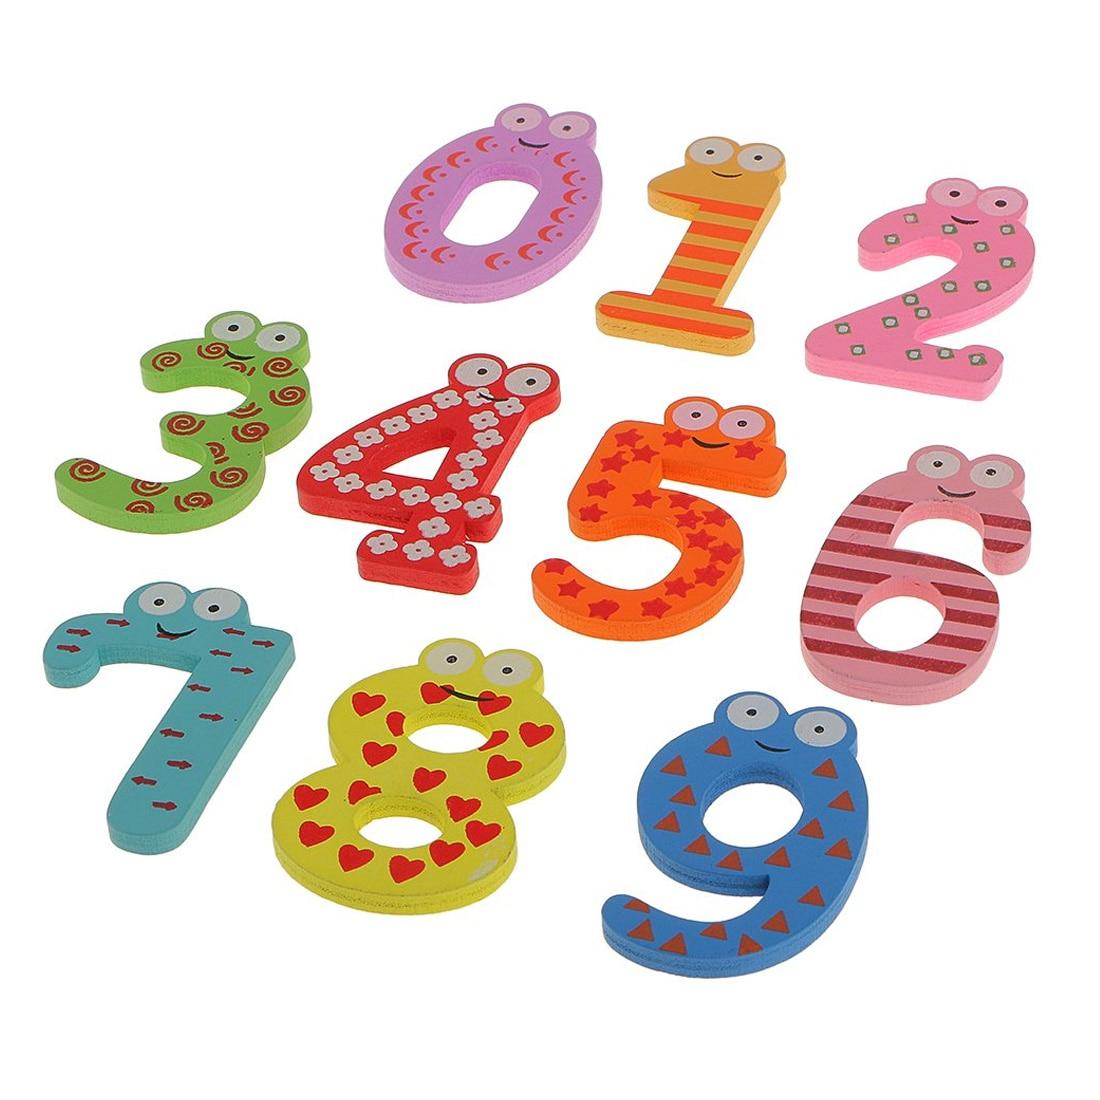 0-9 Cijfers Magneet Cartoon Arabische Cijfers Magnetische Sticker Baby Kids Fun Educatief Speelgoed Houten Gift 10 Pcs